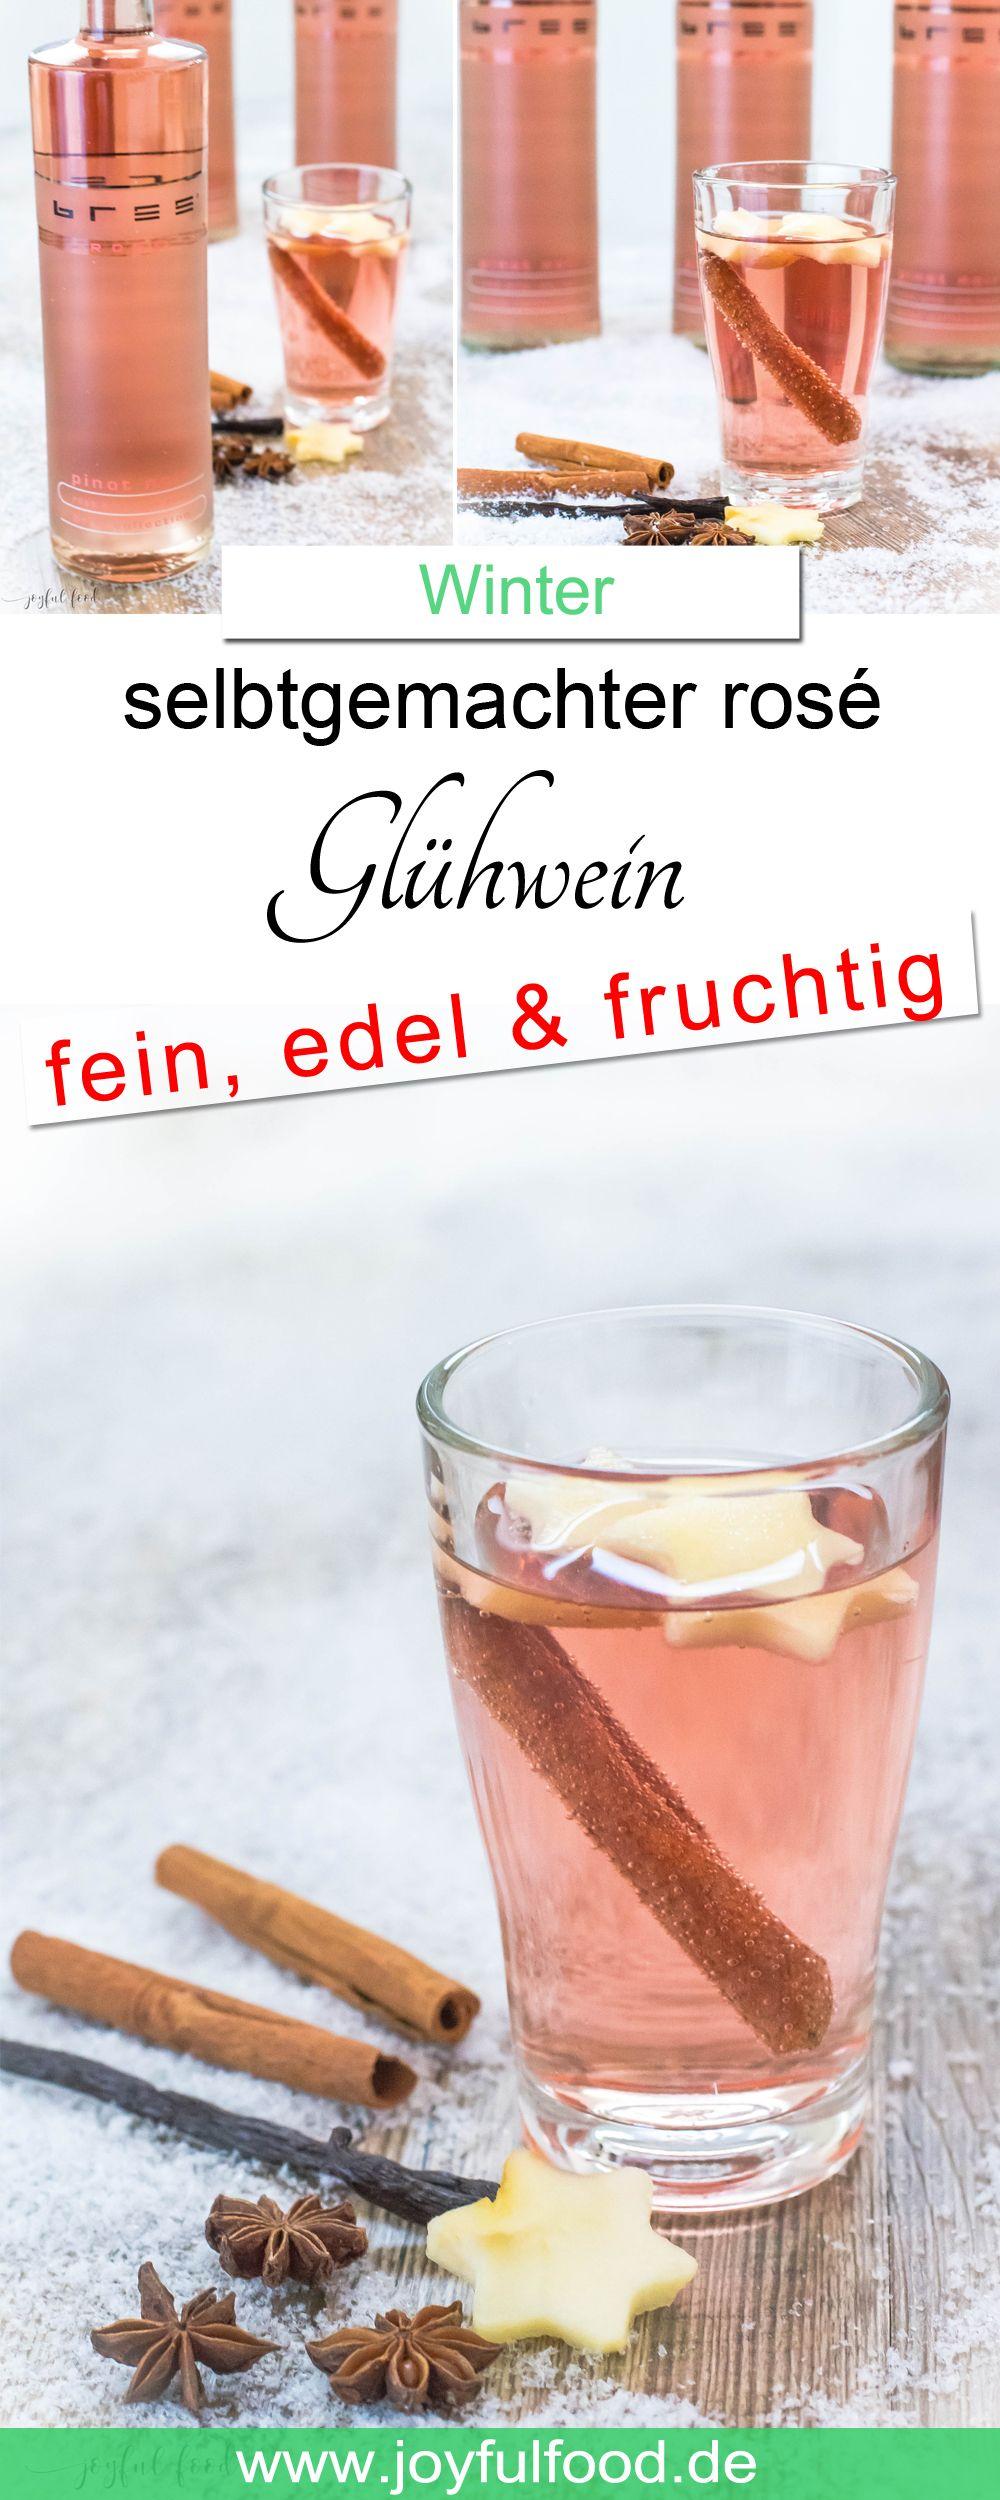 Edler Rosé Glühwein | Rezept | Heiligabend, Glühwein und Weihnachtsmarkt